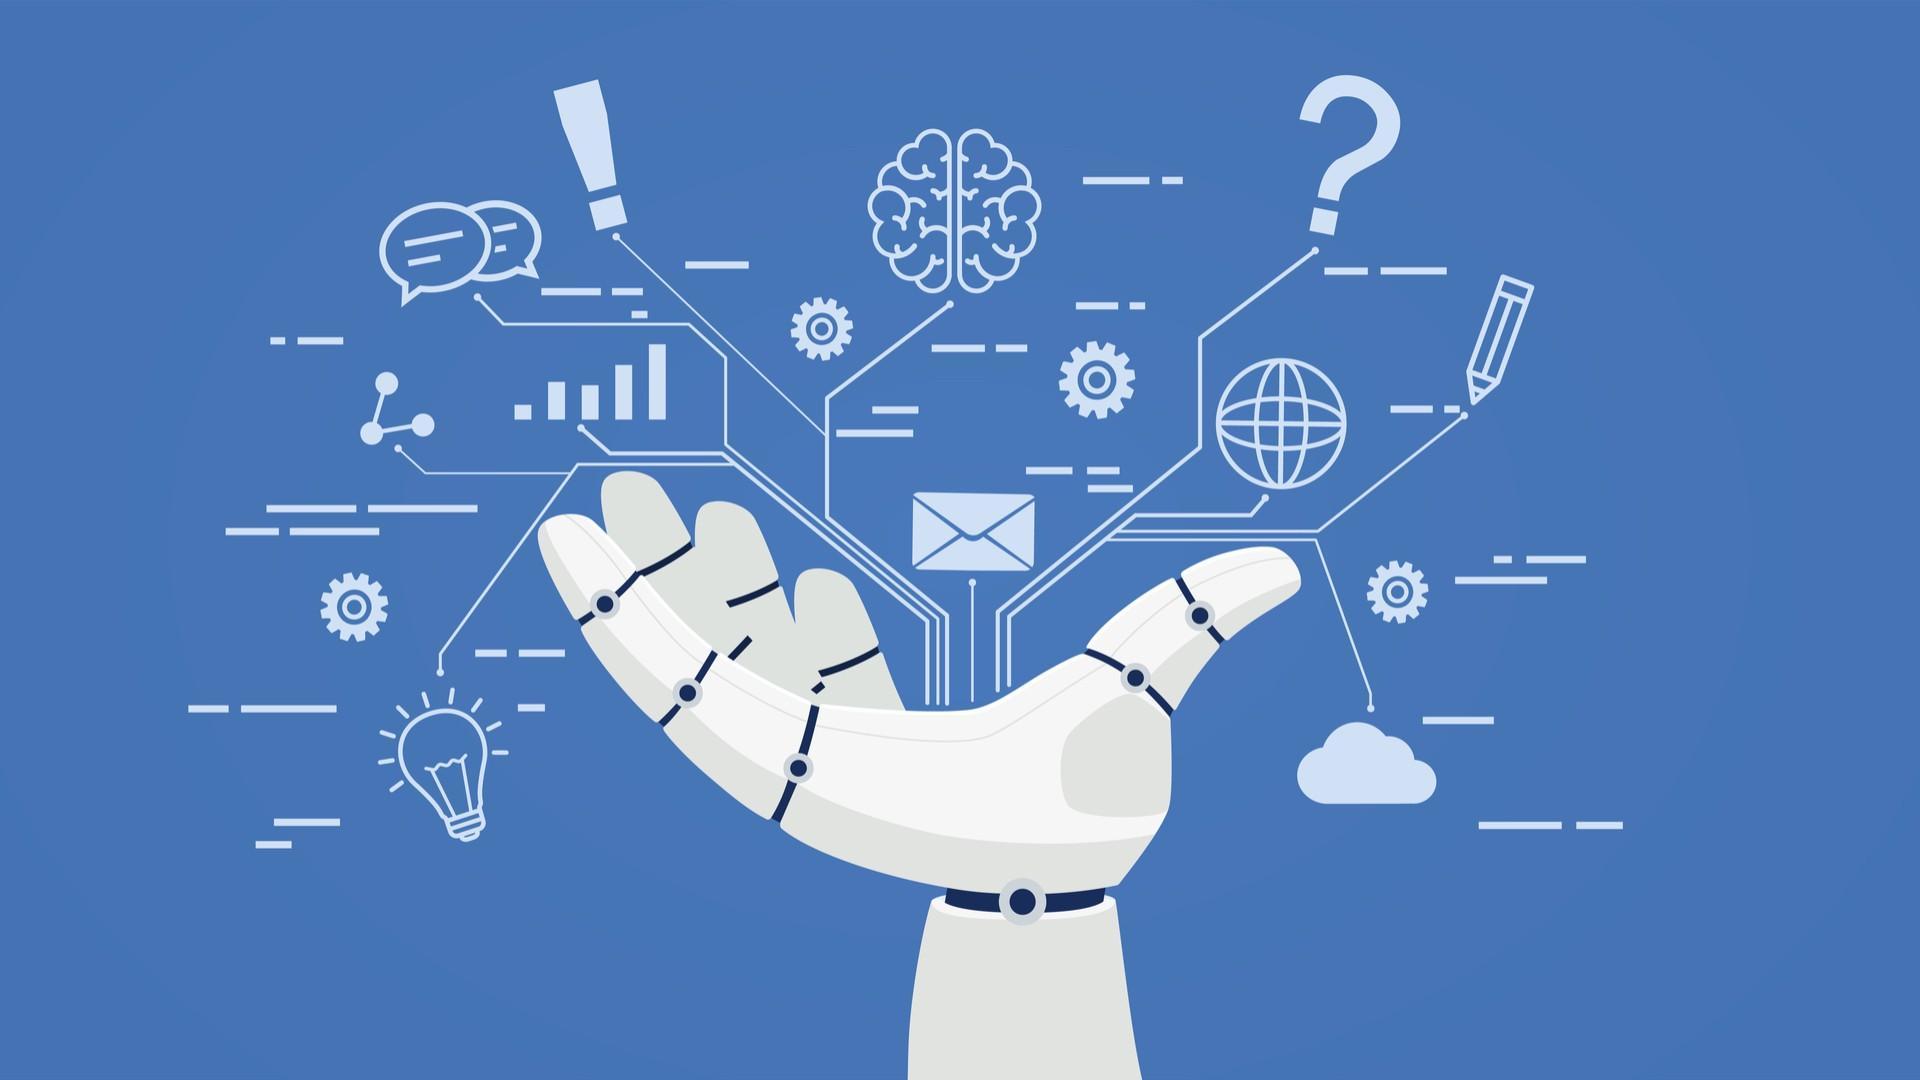 Как улучшить мозг. Выпуск 40. Могут ли технологии улучшить предсказательные способности?